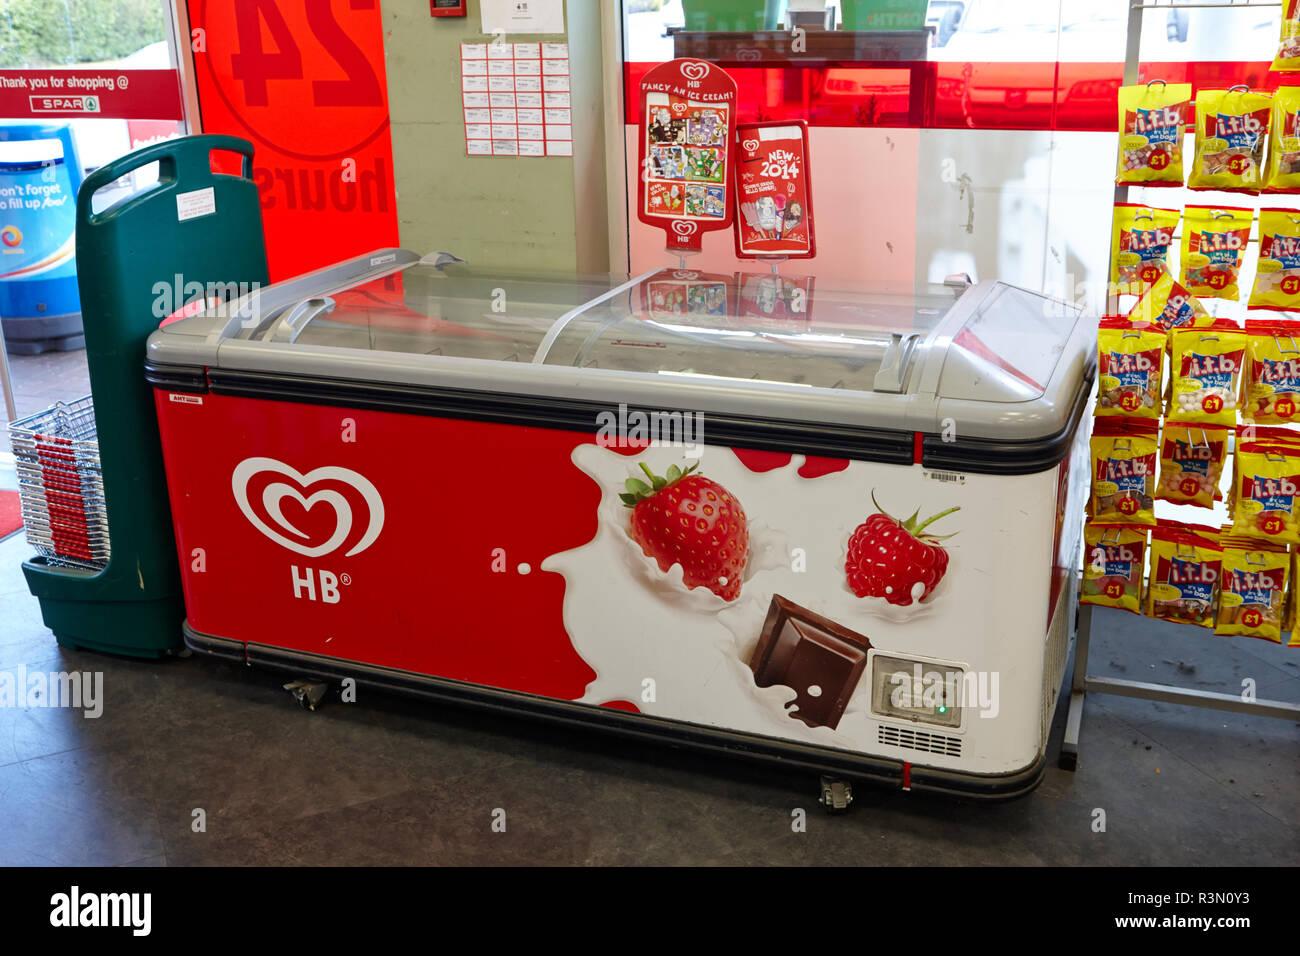 Ice Cream Freezer Stock Photos & Ice Cream Freezer Stock Images - Alamy